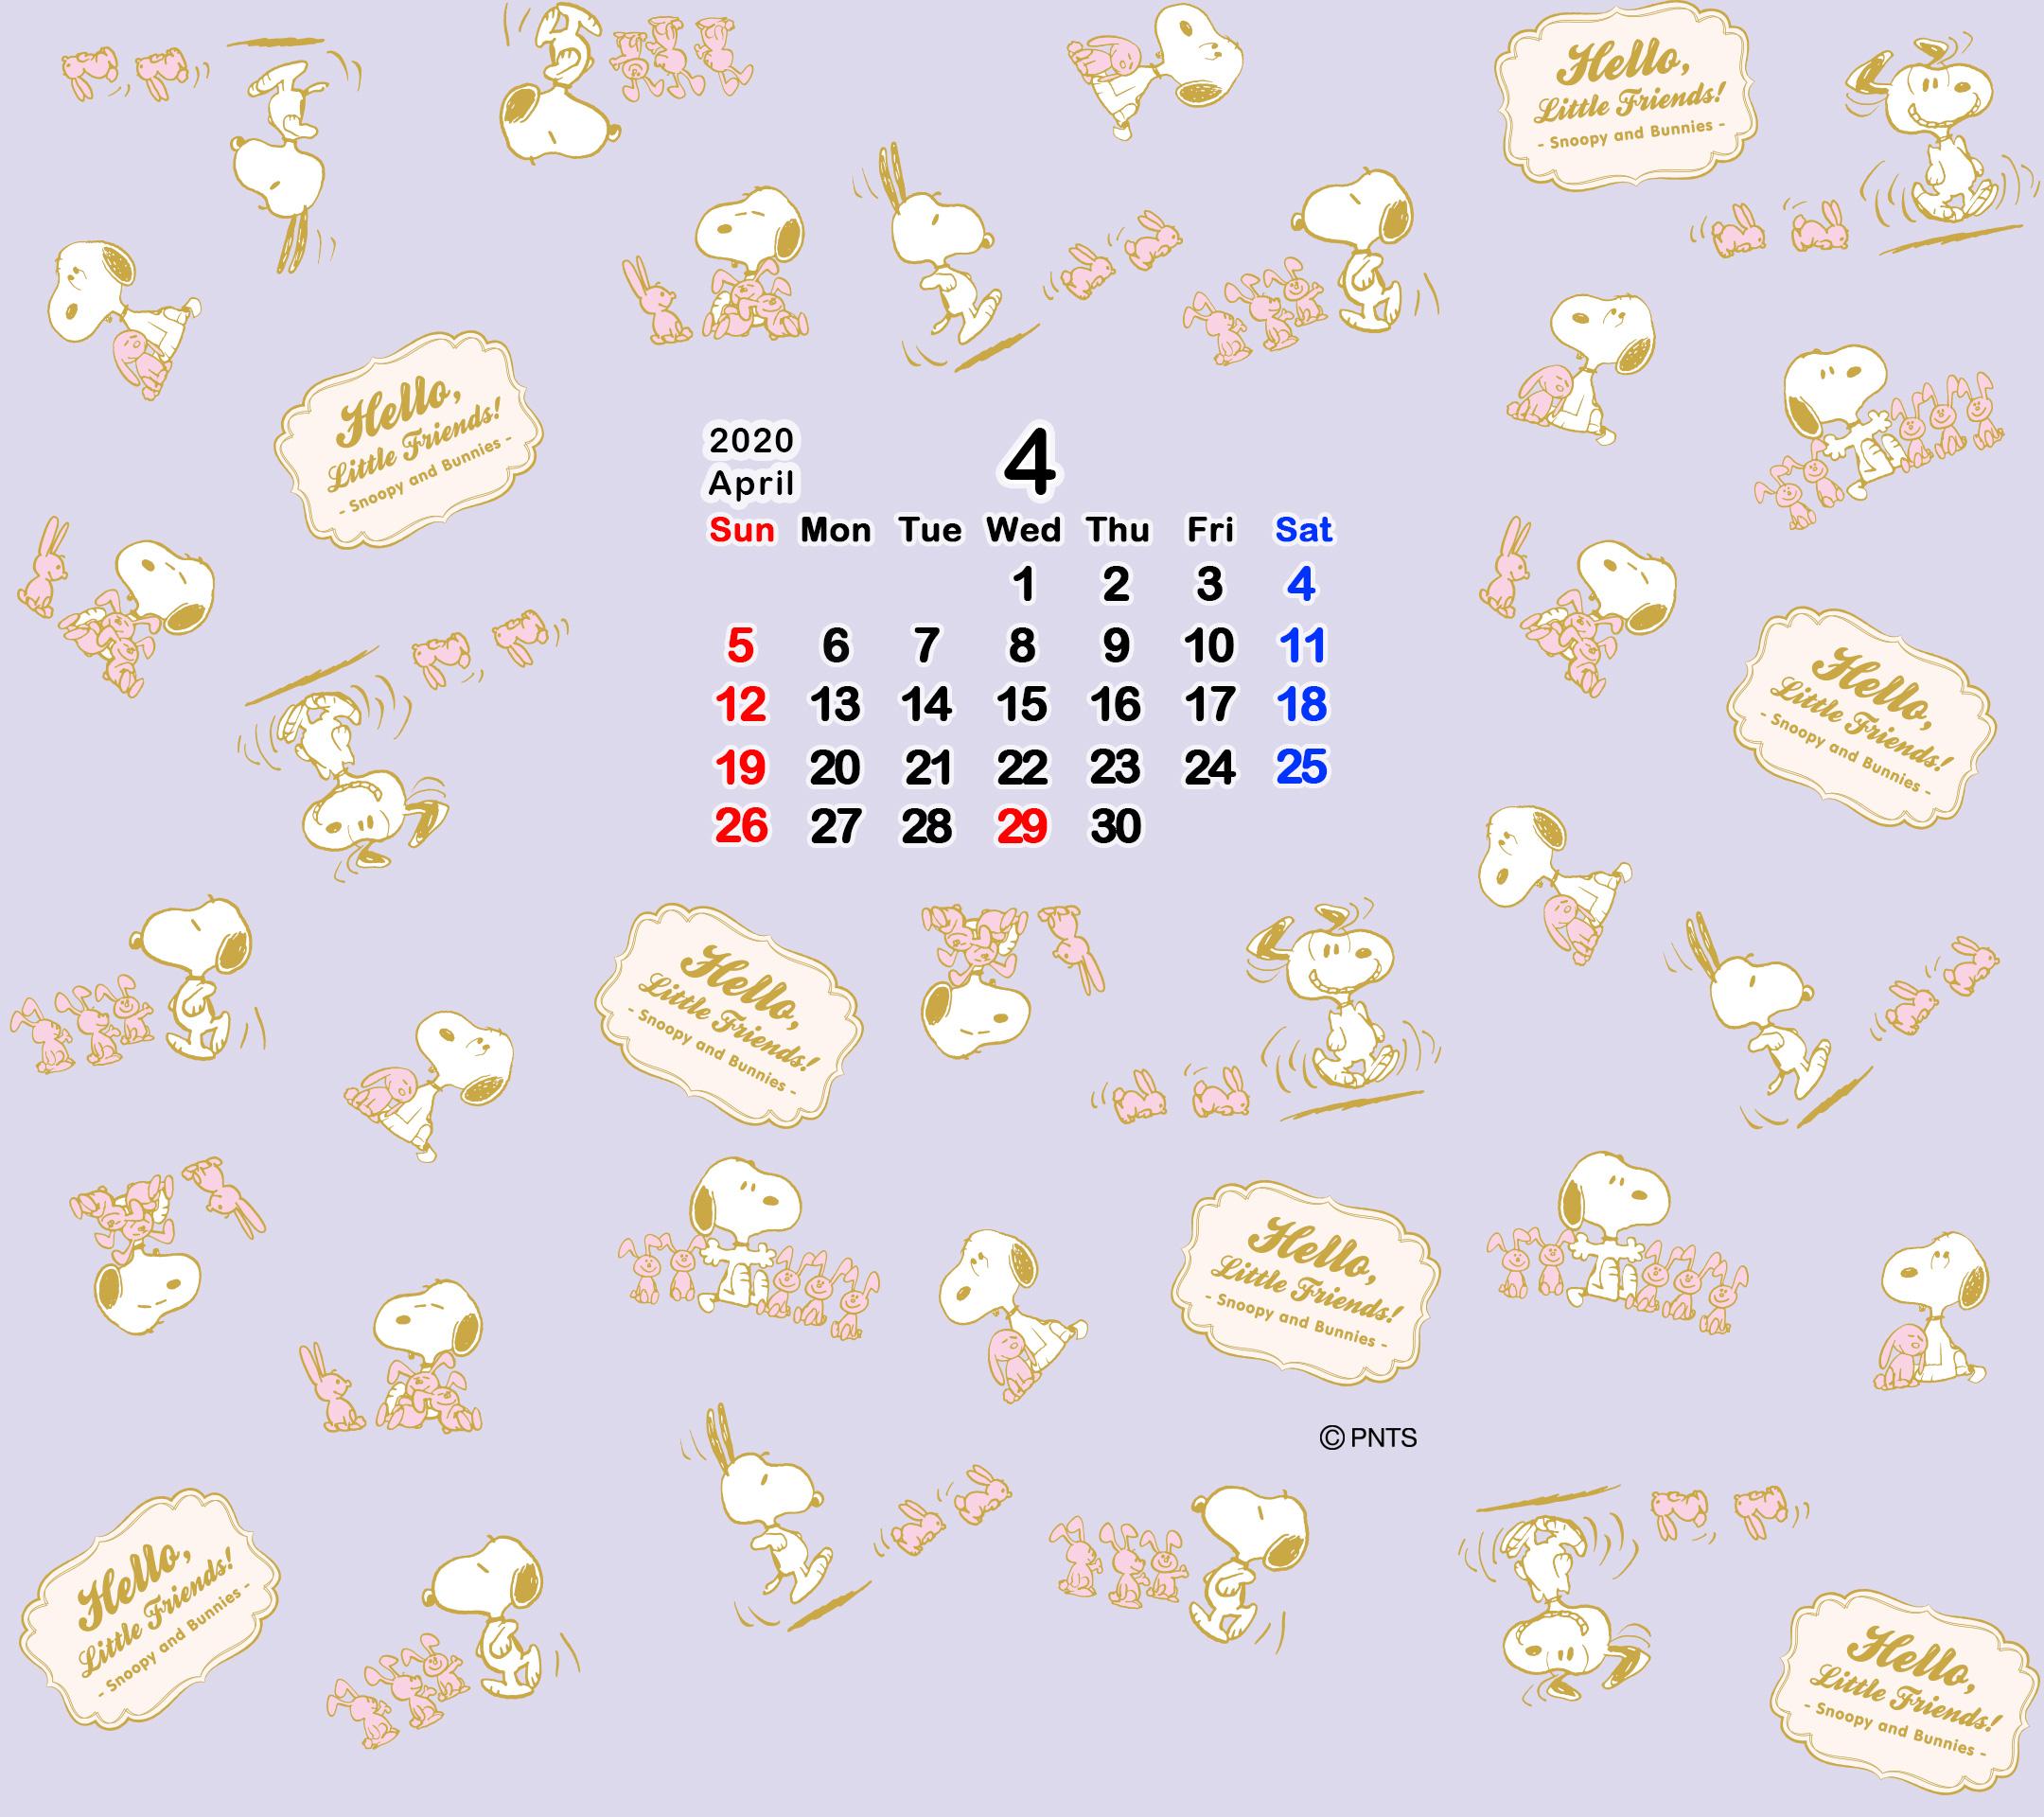 スヌーピー 壁紙 カレンダー スヌーピー 壁紙 カレンダー あなたのための最高の壁紙画像